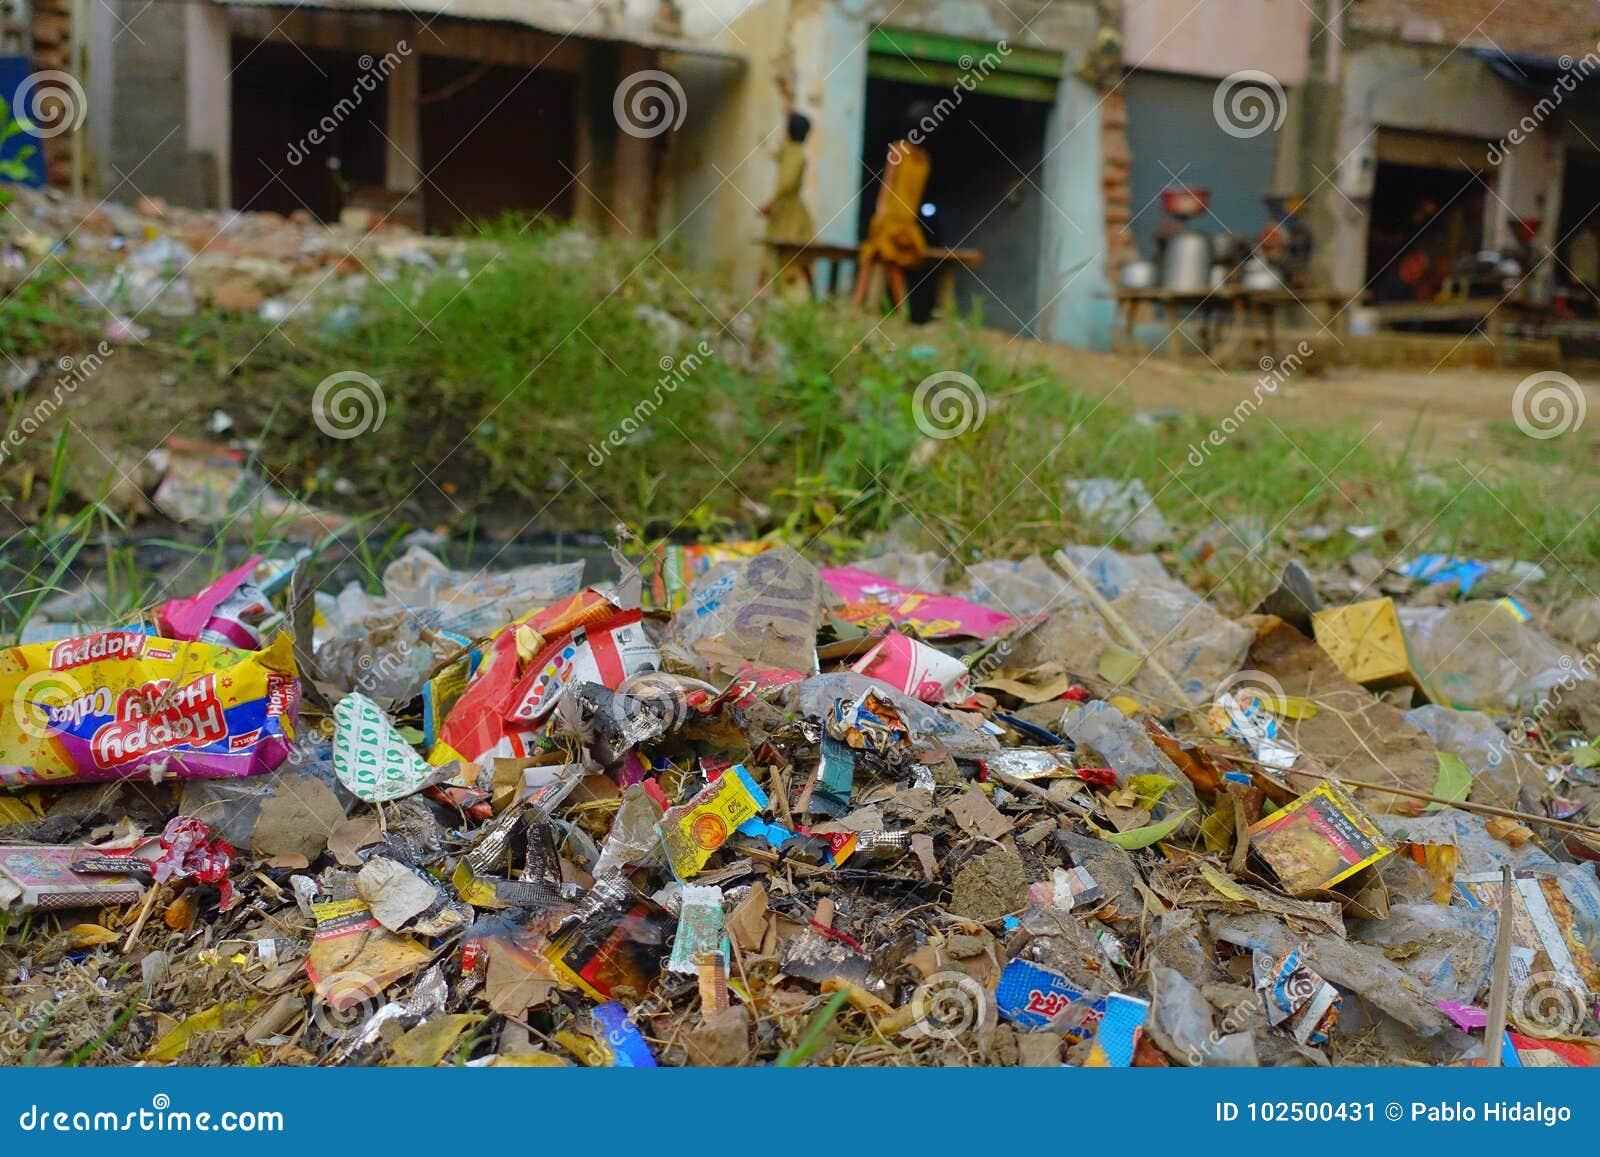 AGRA, INDIEN - 19. SEPTEMBER 2017: Großer Abfallhaufen auf der Straße auf Agra, Indien Indien ist ein sehr schmutziges Land